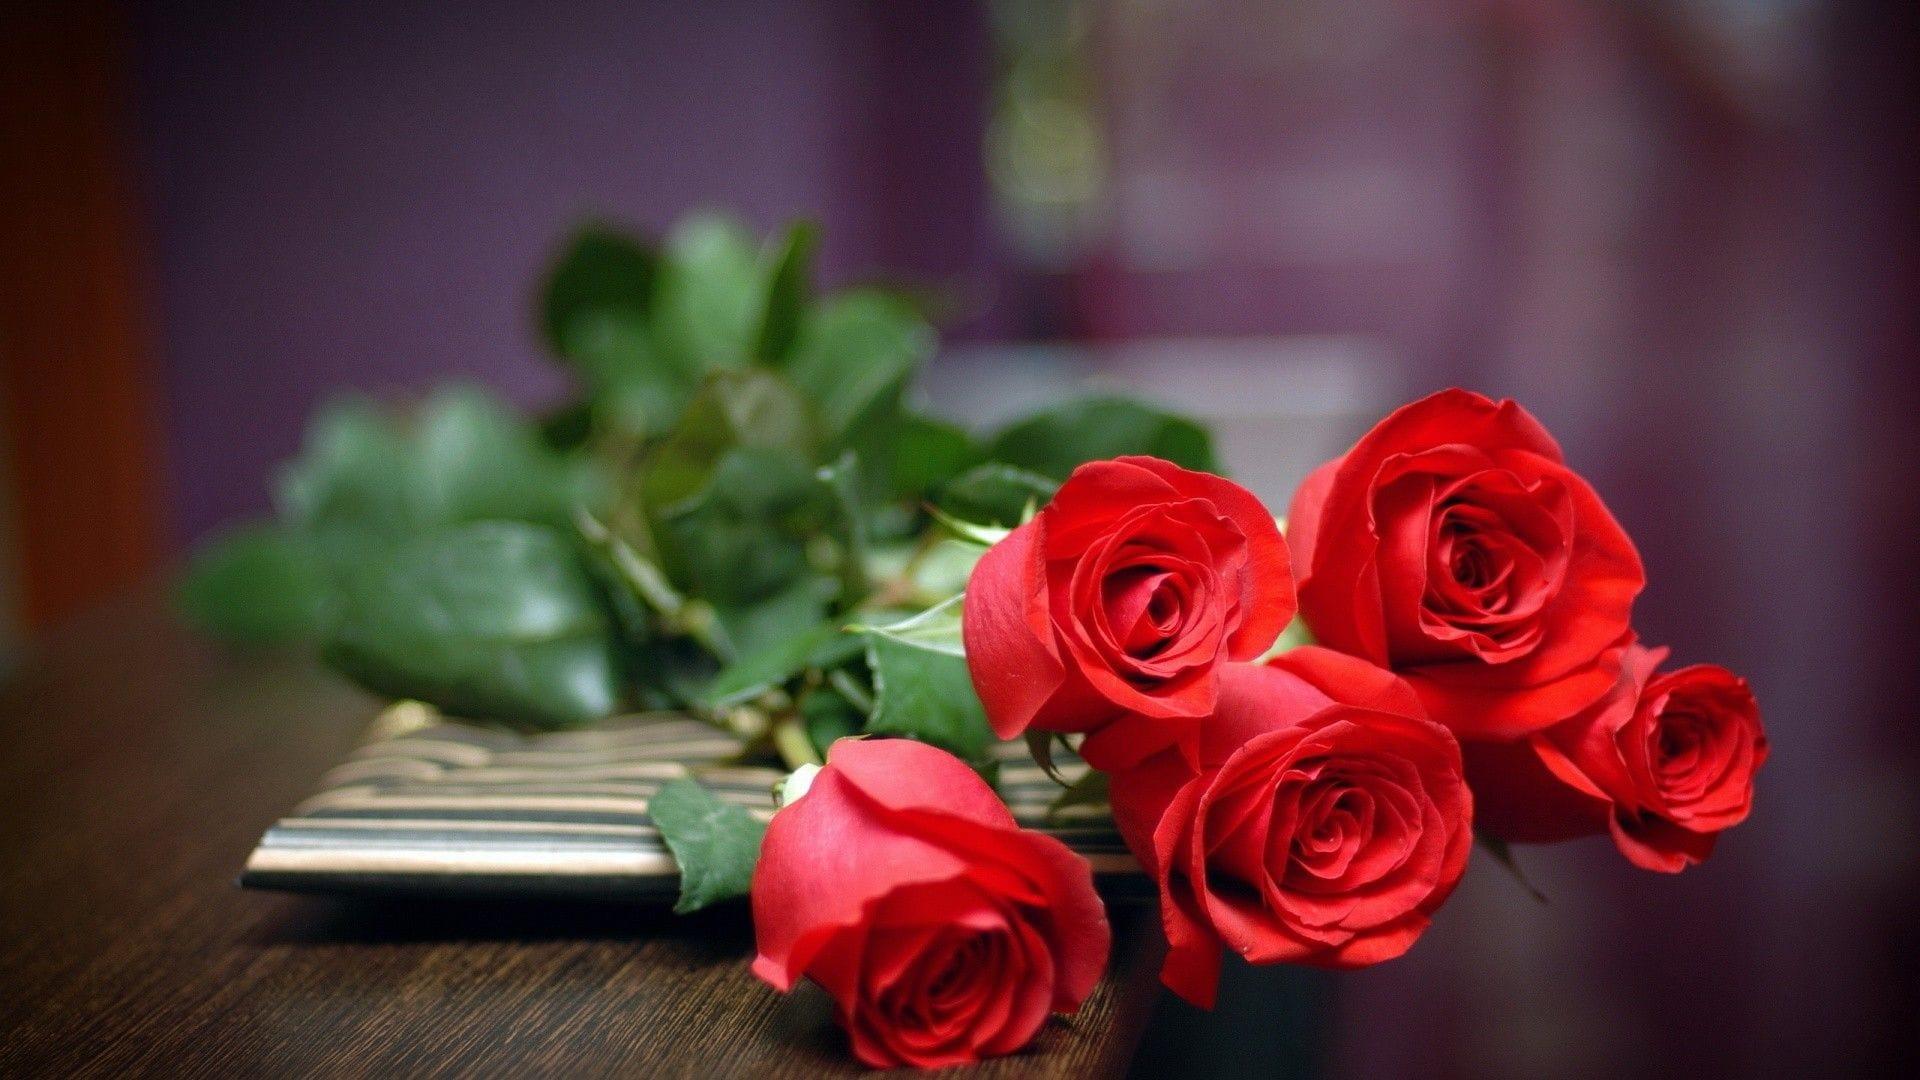 Hình nền hoa hồng dành cho máy tính đẹp nhất